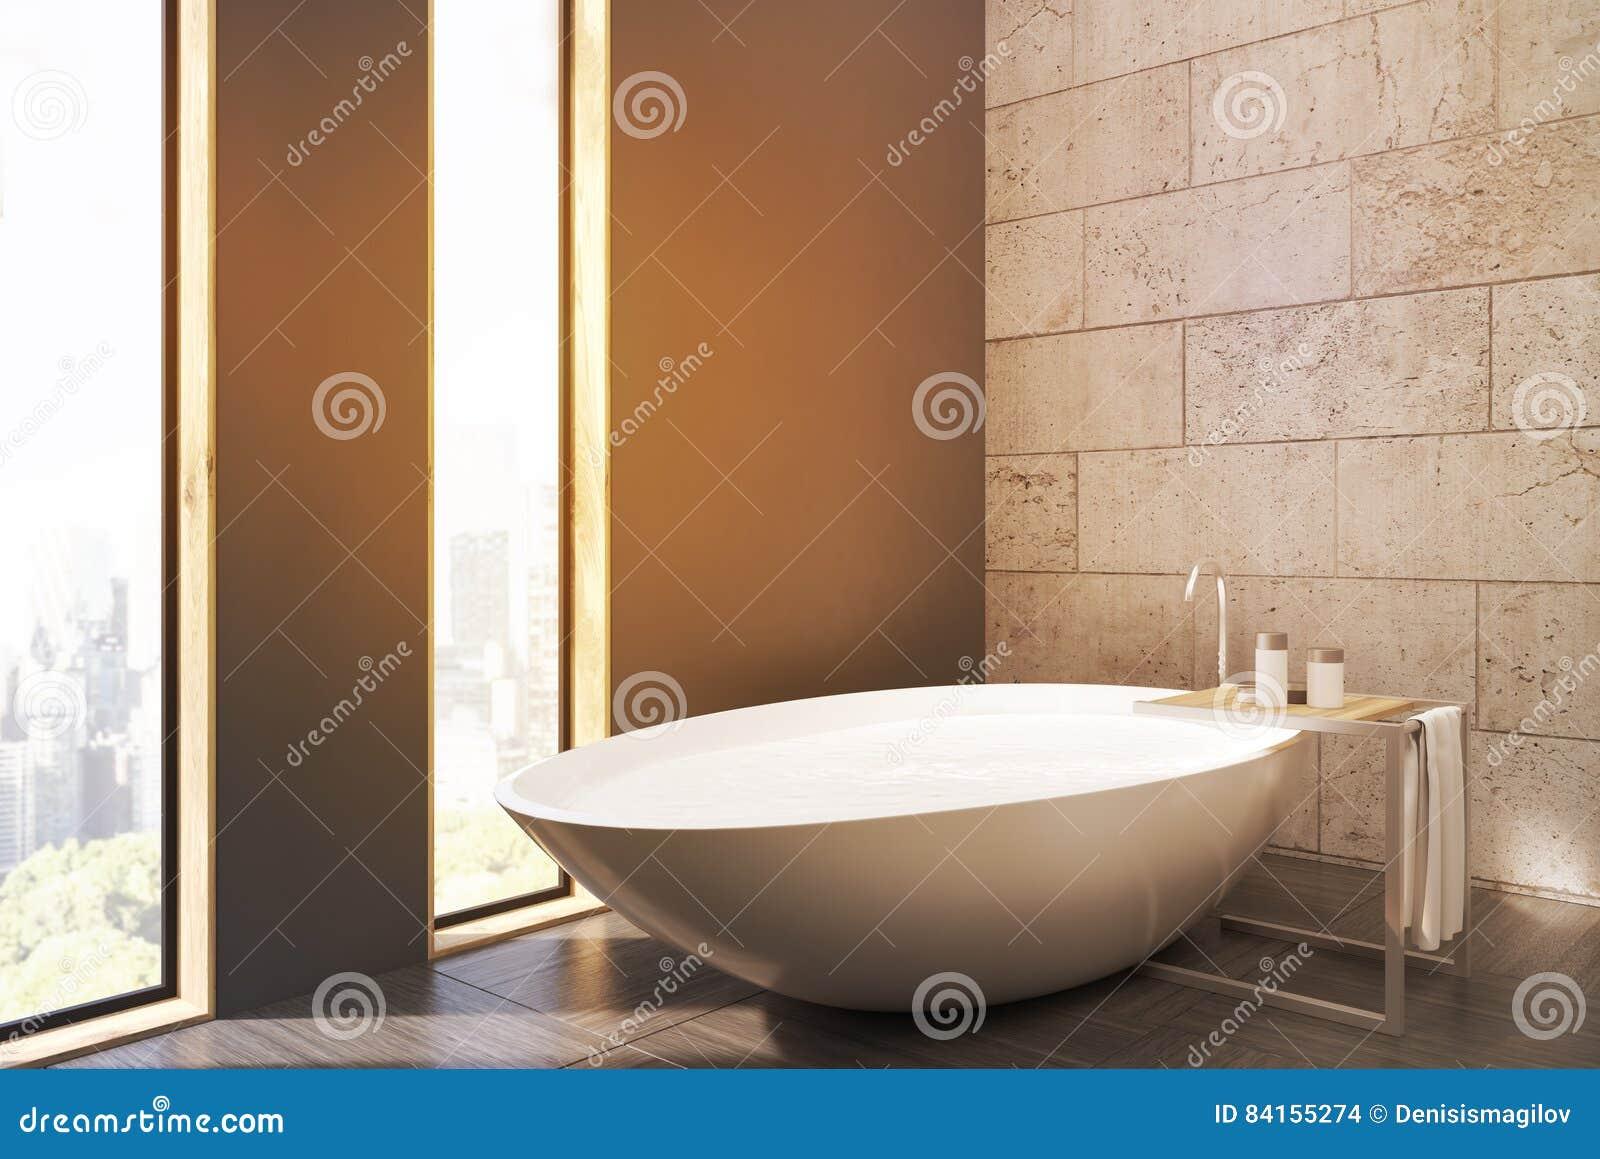 一个卫生间的侧视图有狭窄的窗口、白色木盆、混凝土墙和木地板的